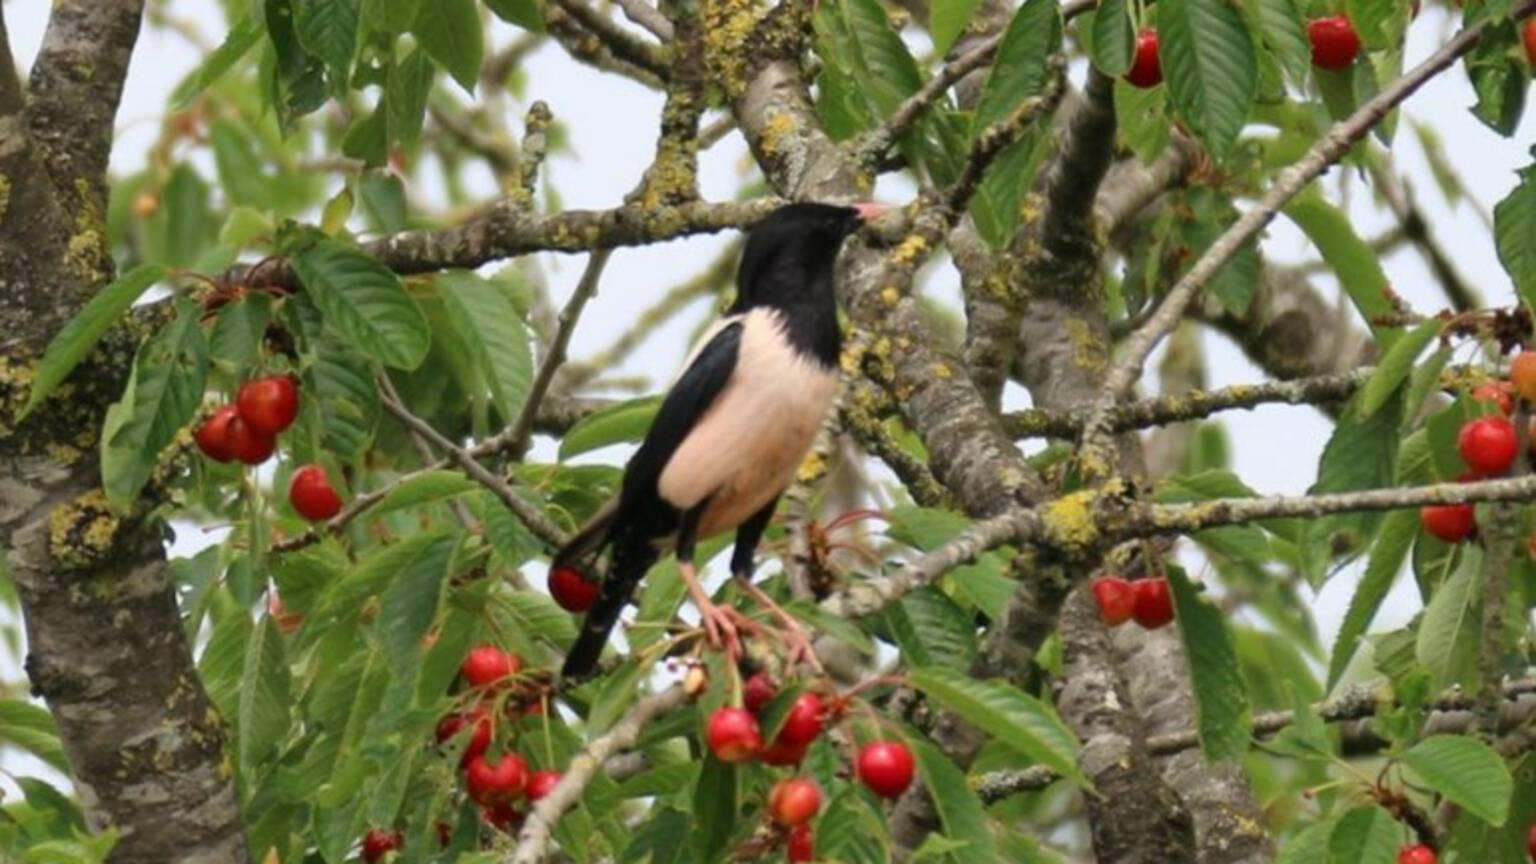 Rosy starling in cherry tree in Hall, photo by Arjen Werkman